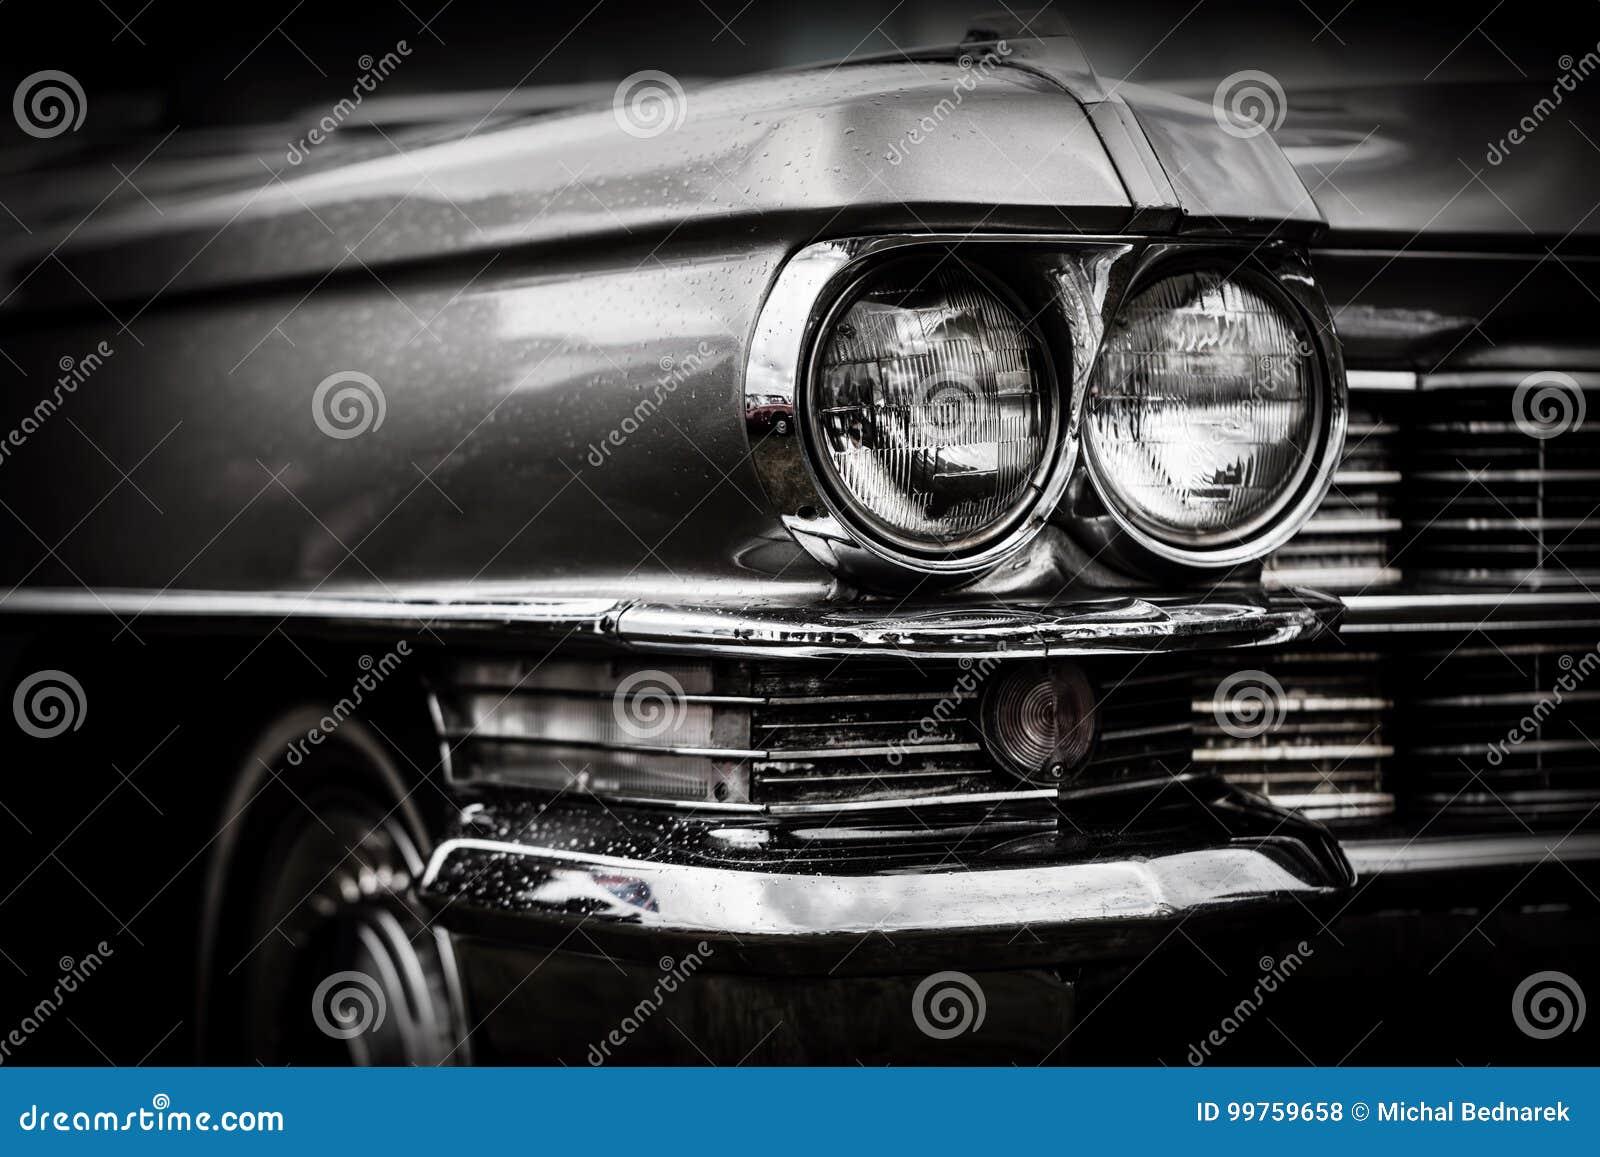 Sluit omhoog detail van herstelde klassieke Amerikaanse auto